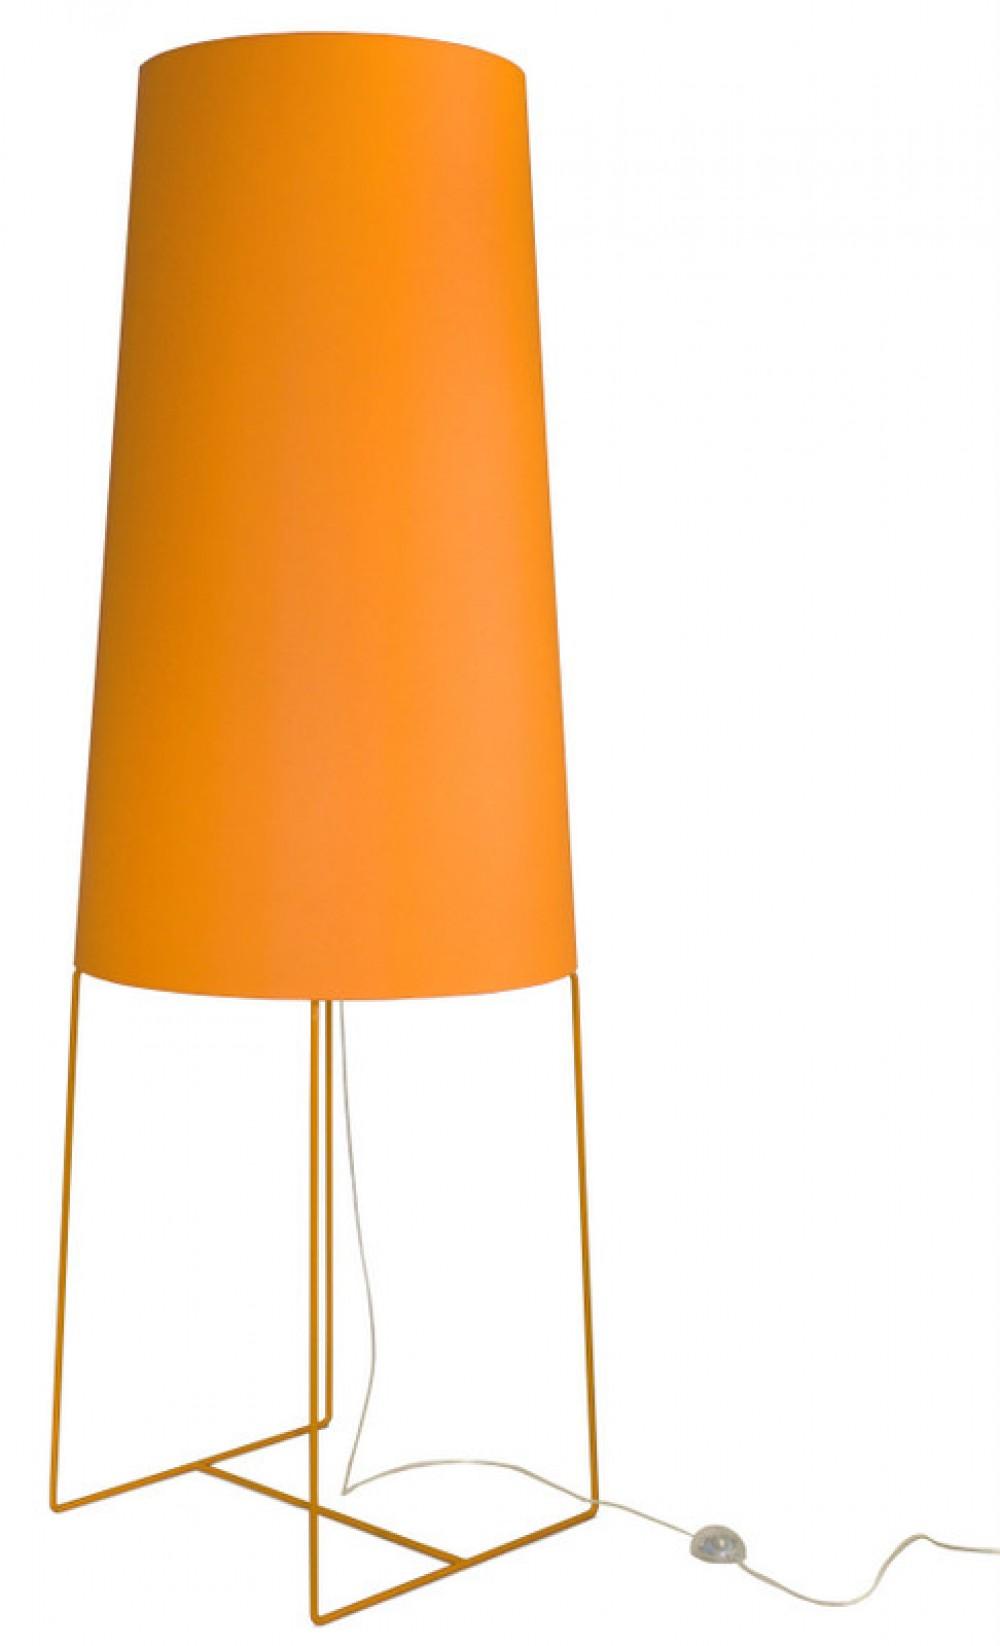 xxl design stehleuchte orange moderne stehlampe in f nf. Black Bedroom Furniture Sets. Home Design Ideas